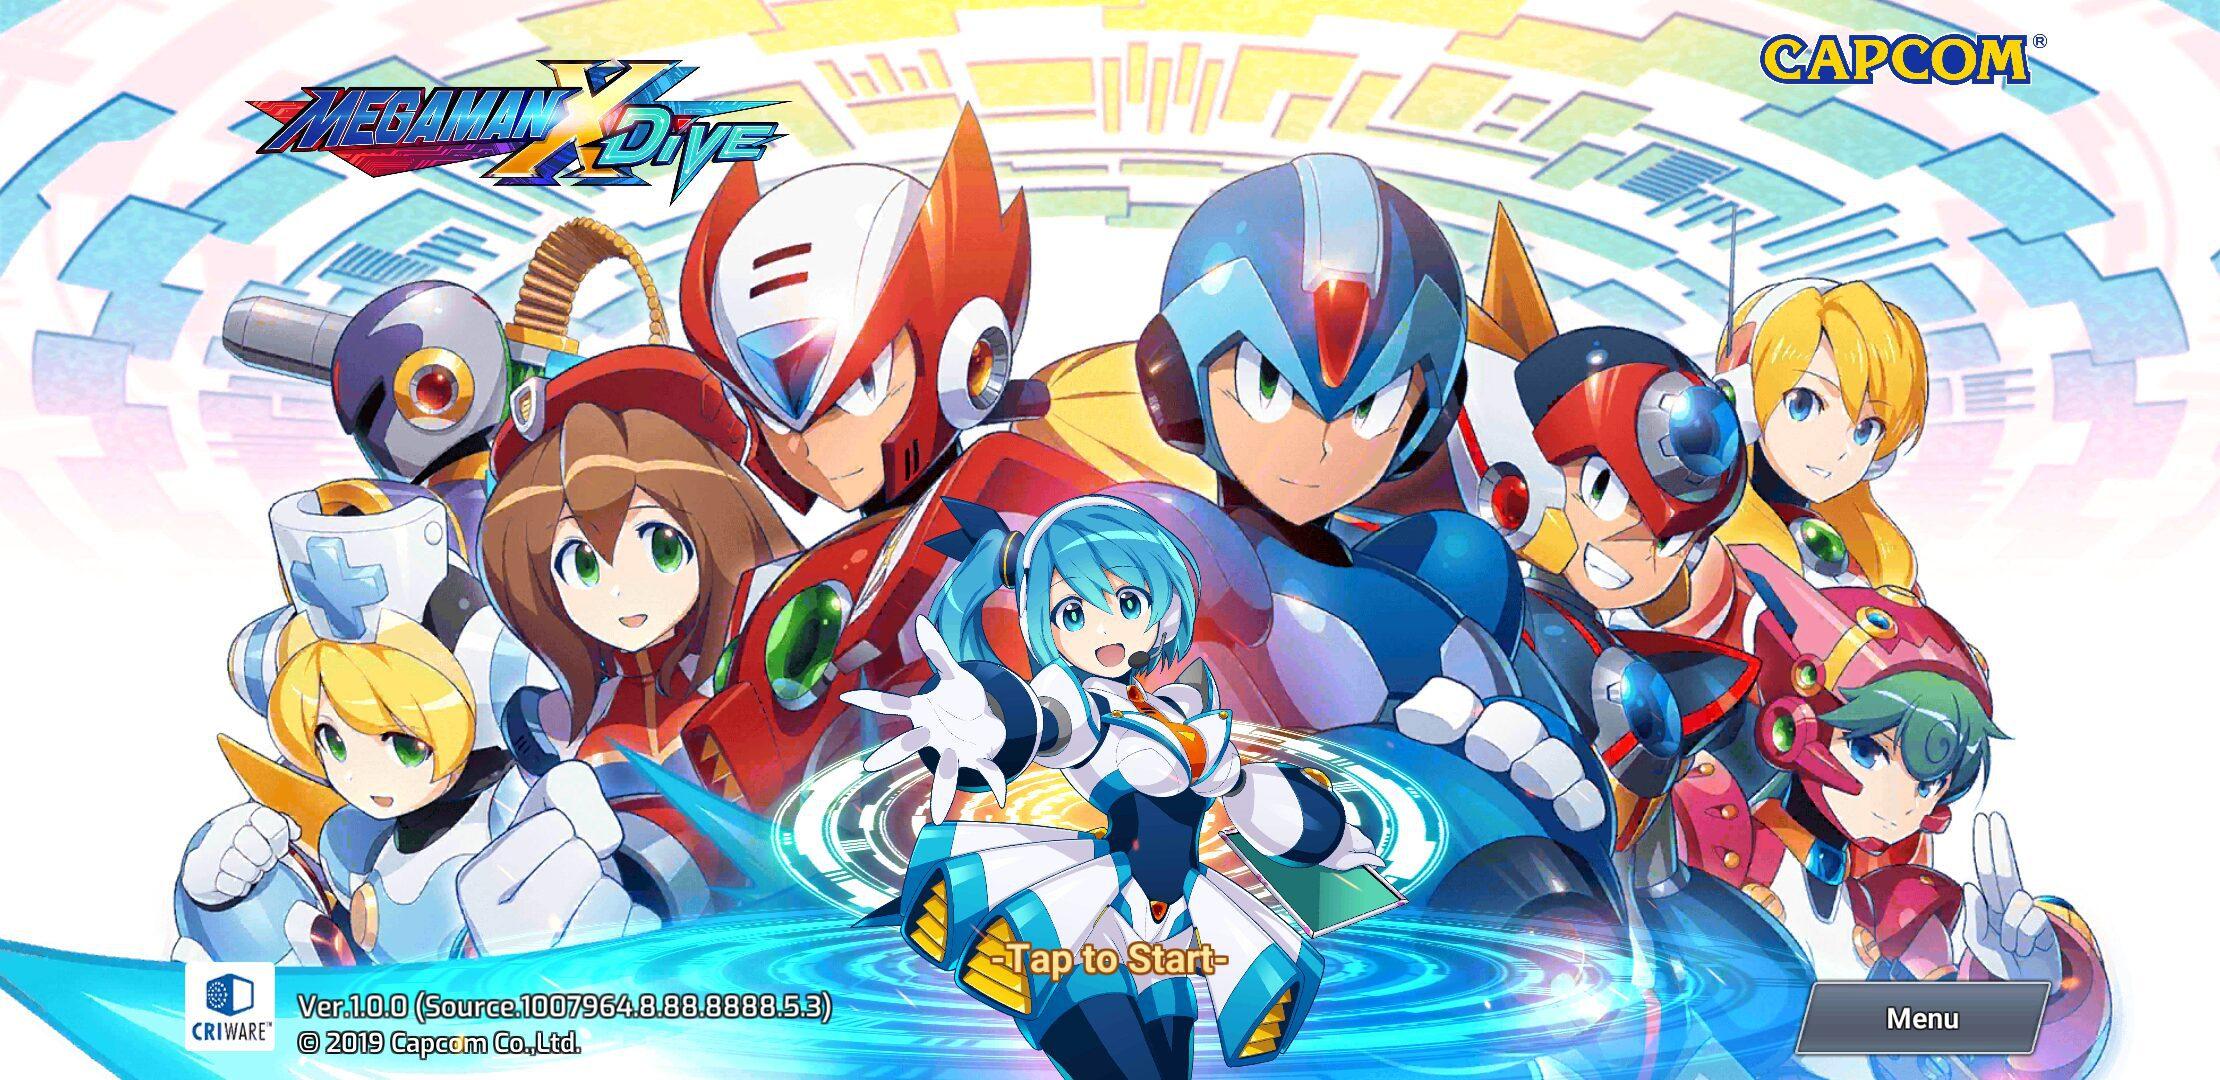 Mega Man X DiVE impressions